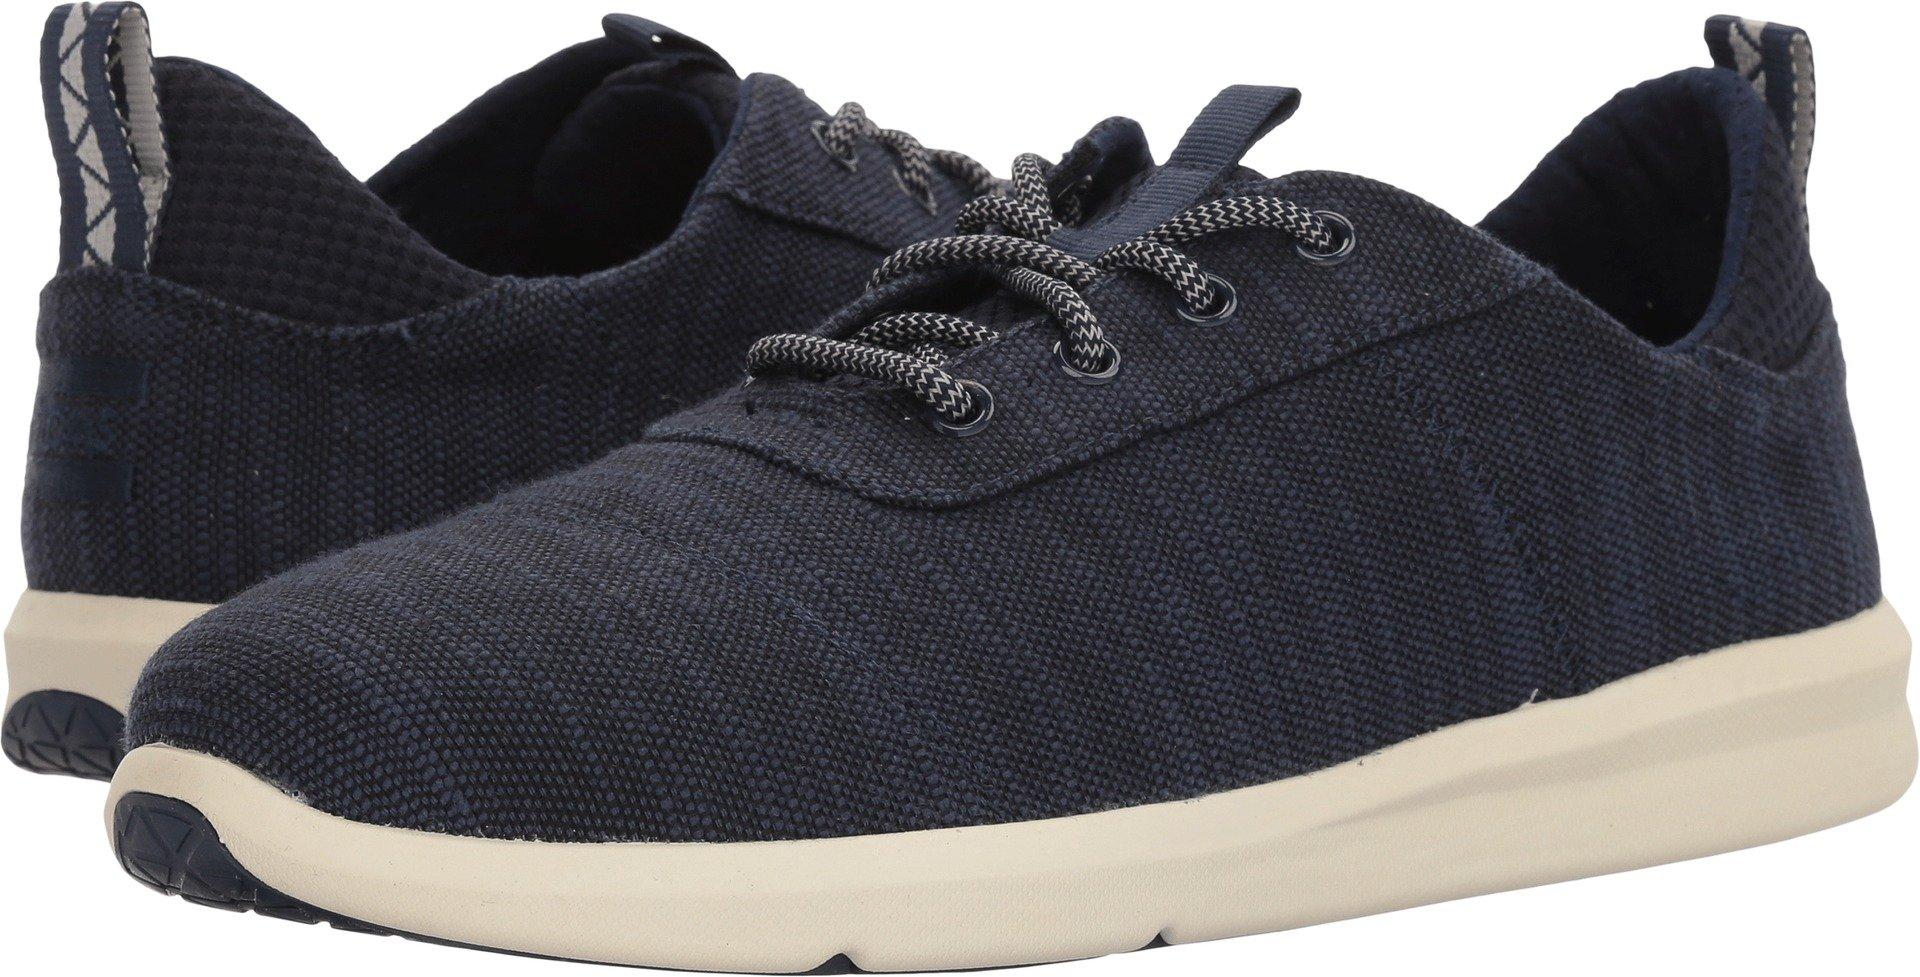 TOMS Men's Cabrillo Cotton Sneaker, Size: 10.5 D(M) US, Color Navy Slubby Cotton